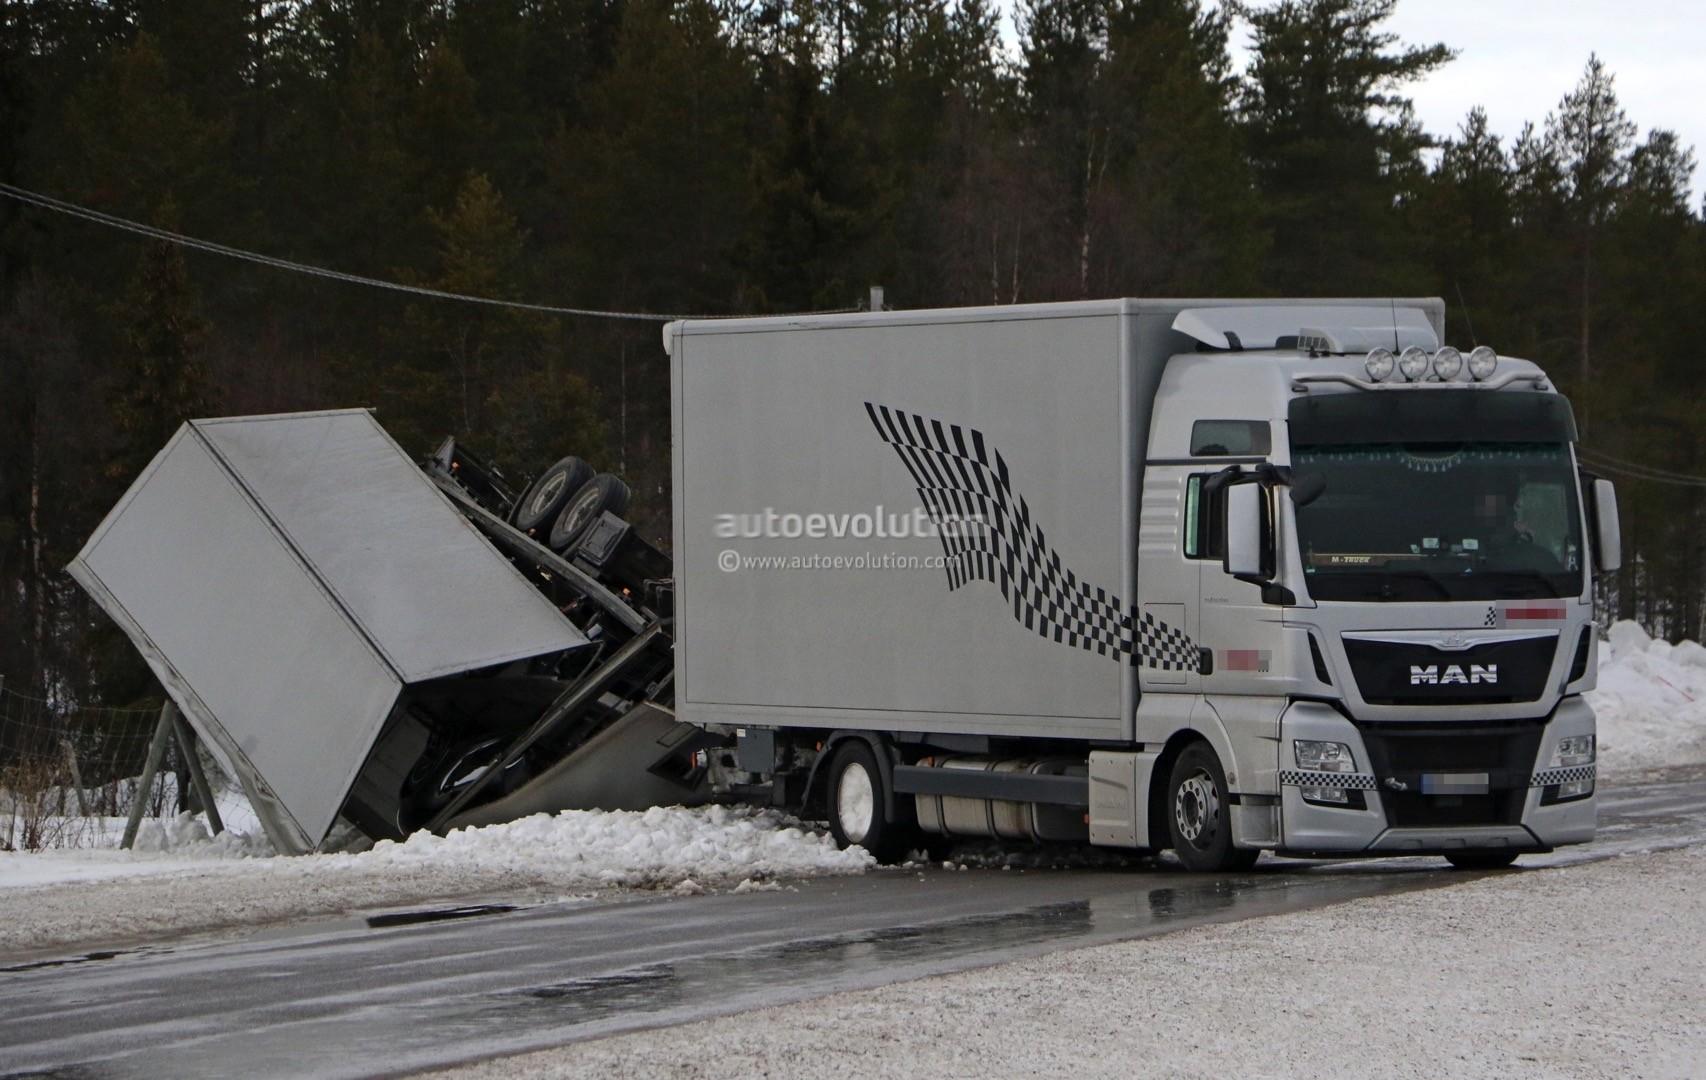 新一代保时捷911测试车瑞典遭遇车祸 惨遭曝光